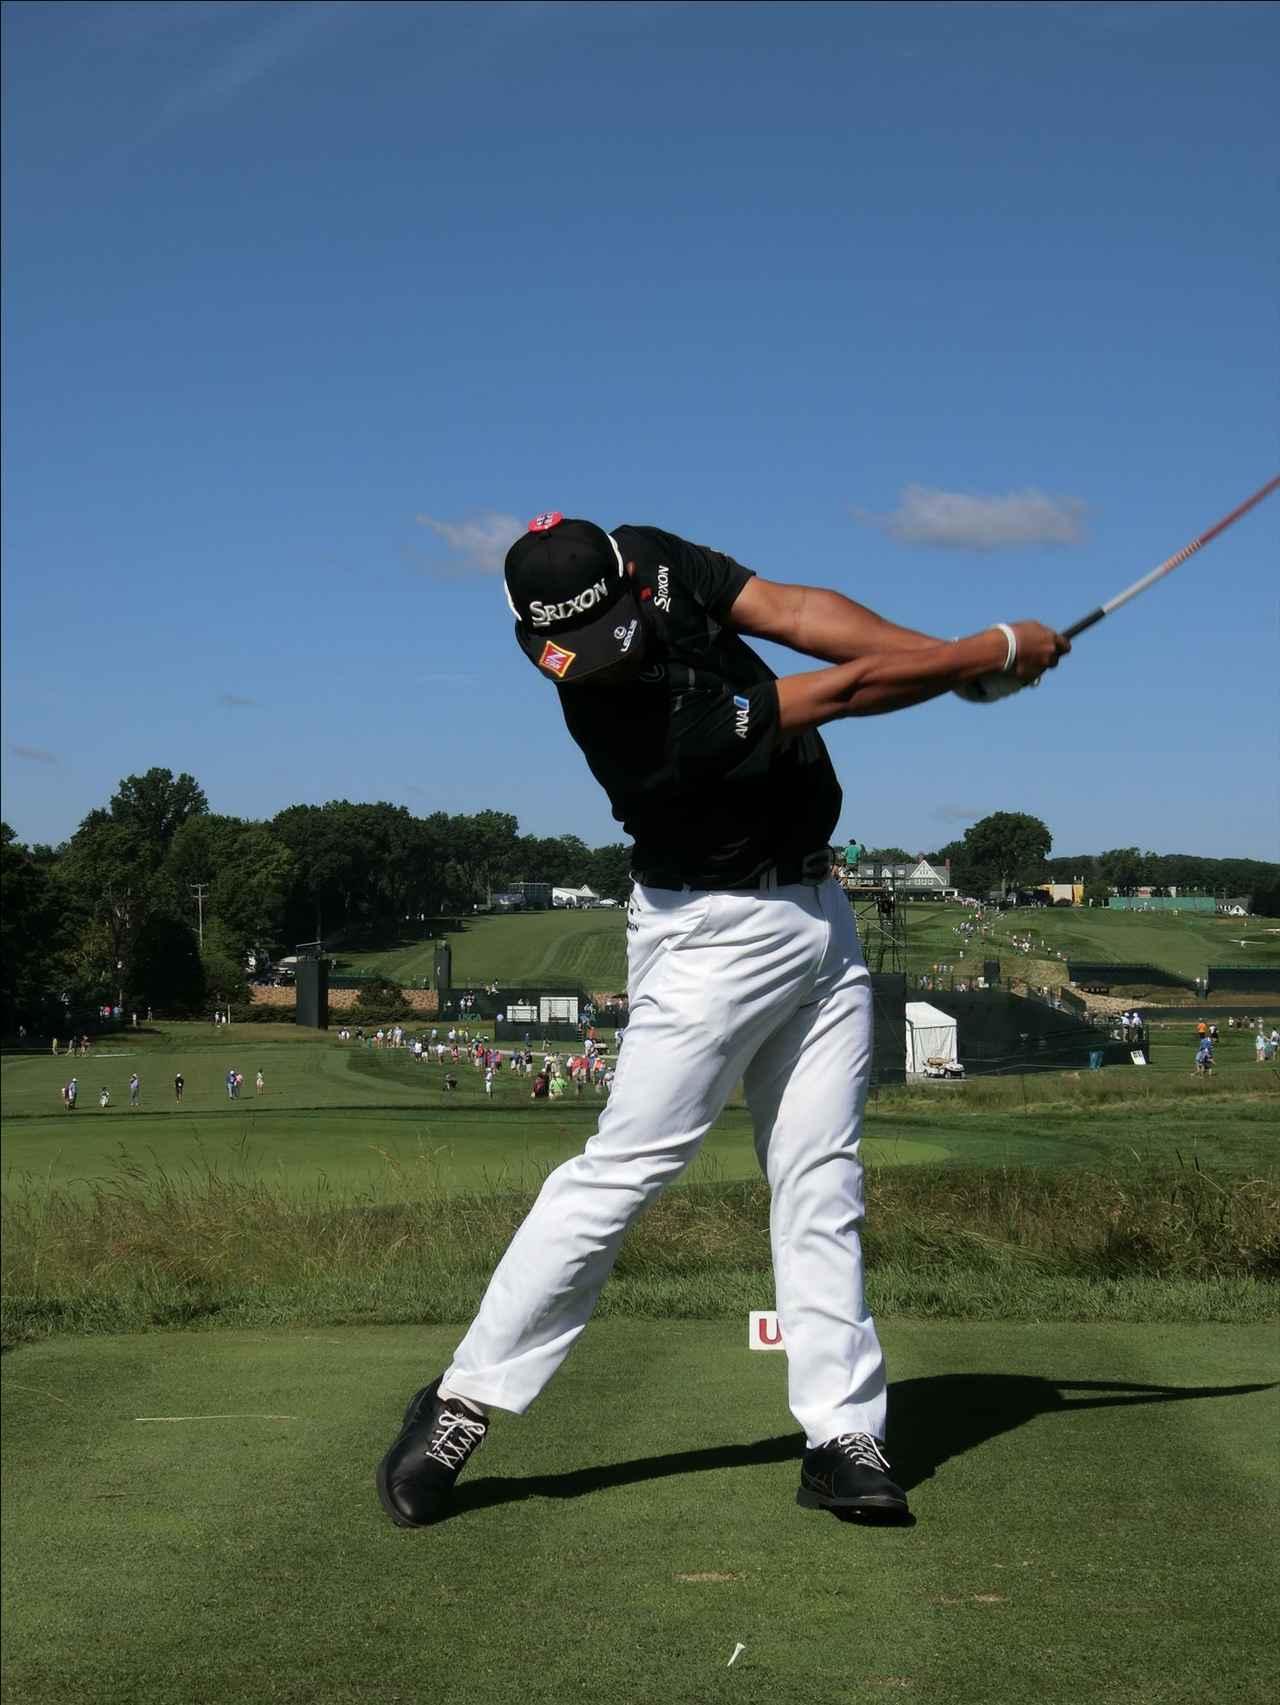 画像8: PGAの主役を小平智がスウィング解説「松山英樹のトップがイチ押し」